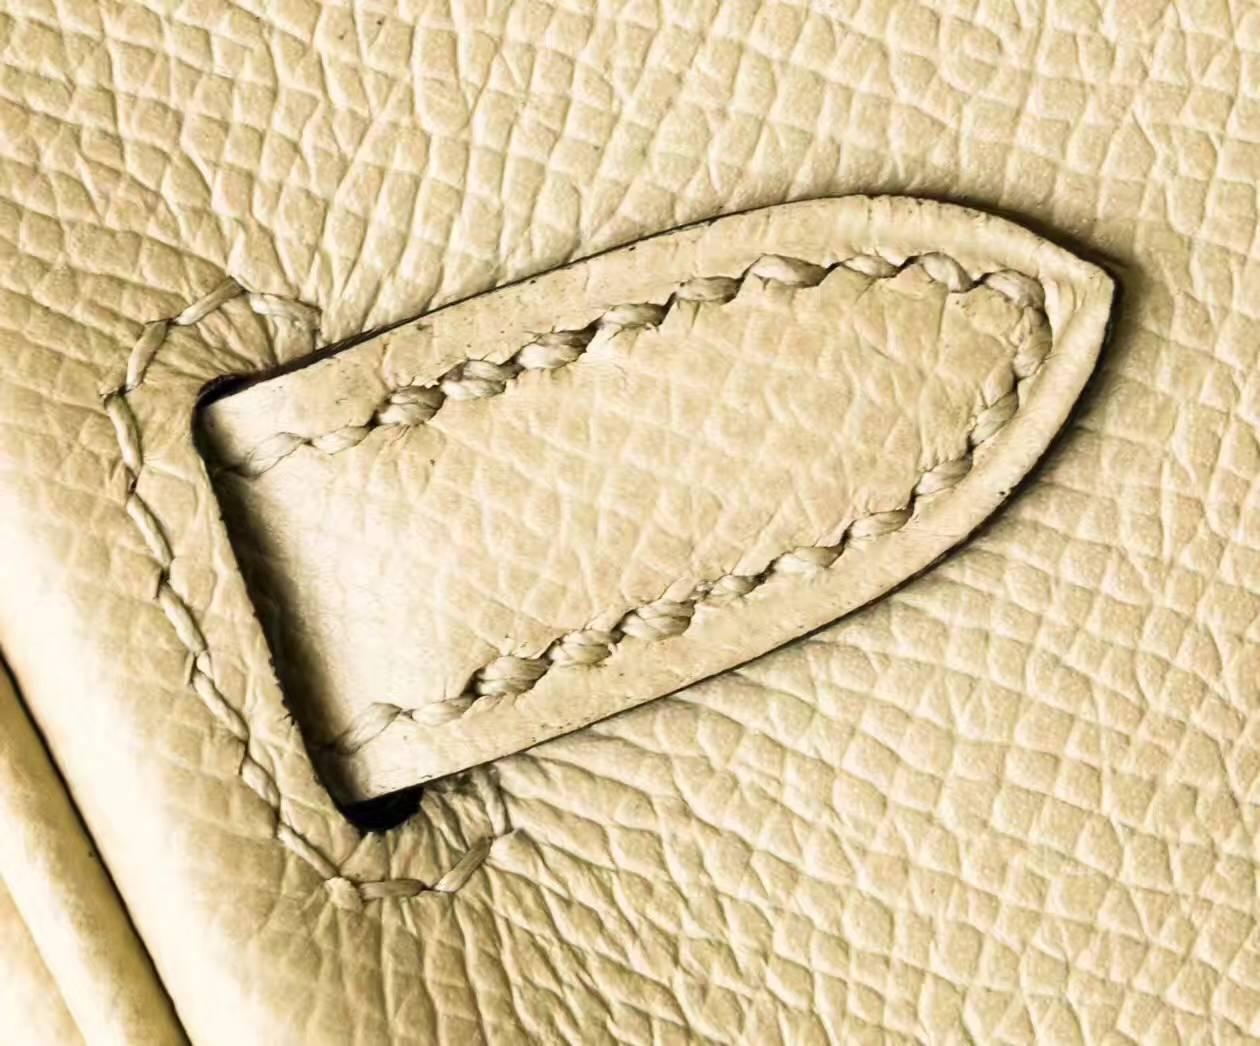 爱马仕Birkin女包 Hermes CK81斑鸠灰原厂epsom牛皮铂金包25cm